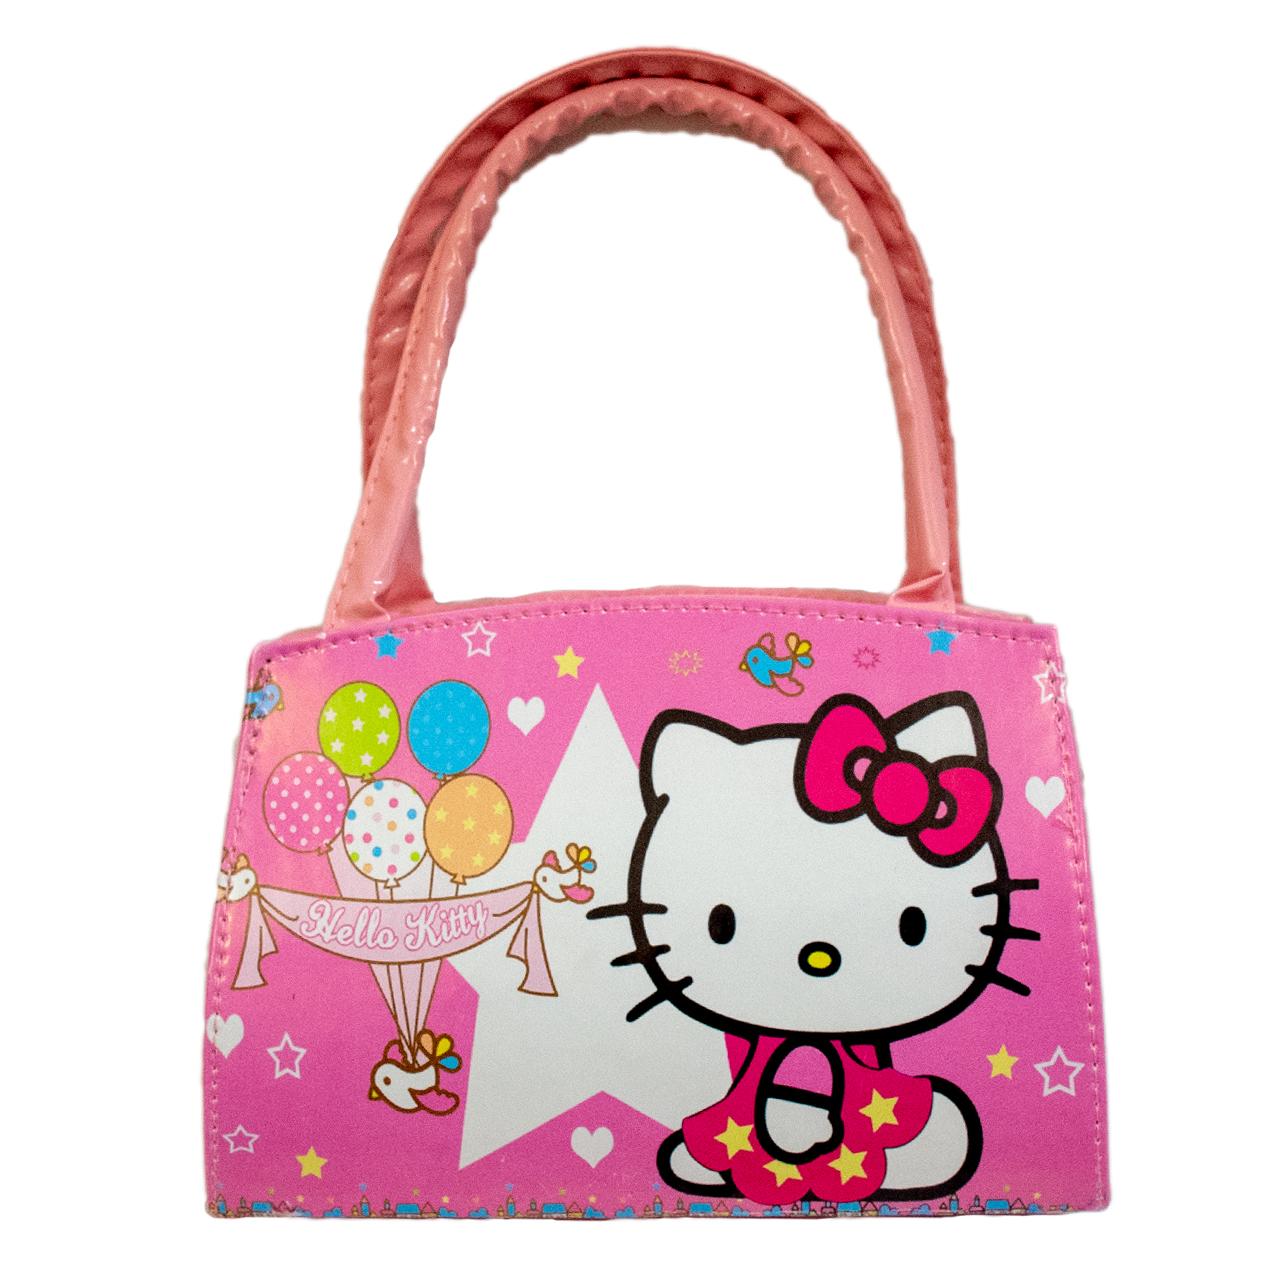 کیف دستی دخترانه طرح کیتی کد B07